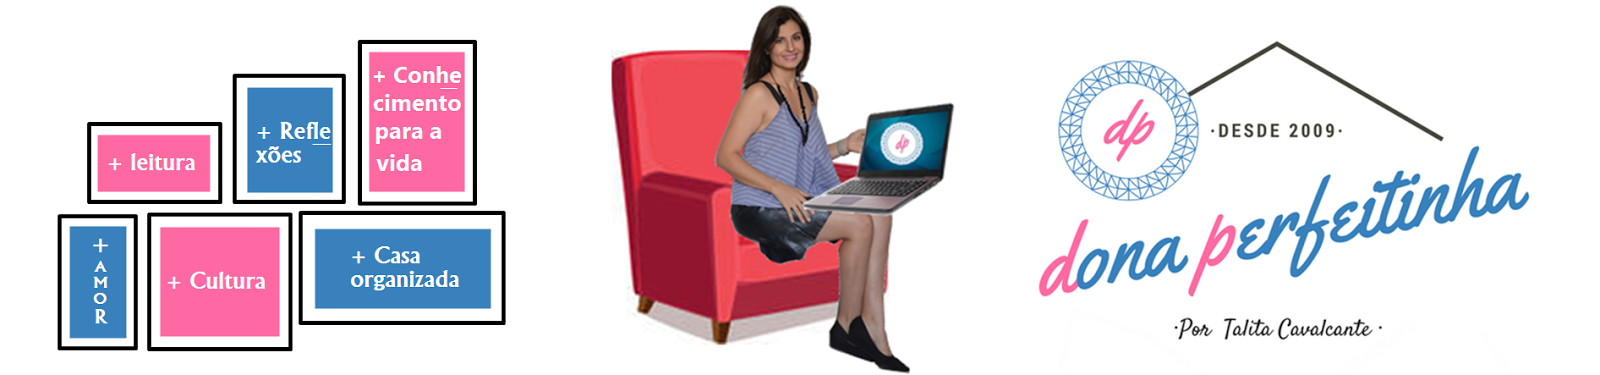 Blog da casa -- truques e dicas da Dona Perfeitinha